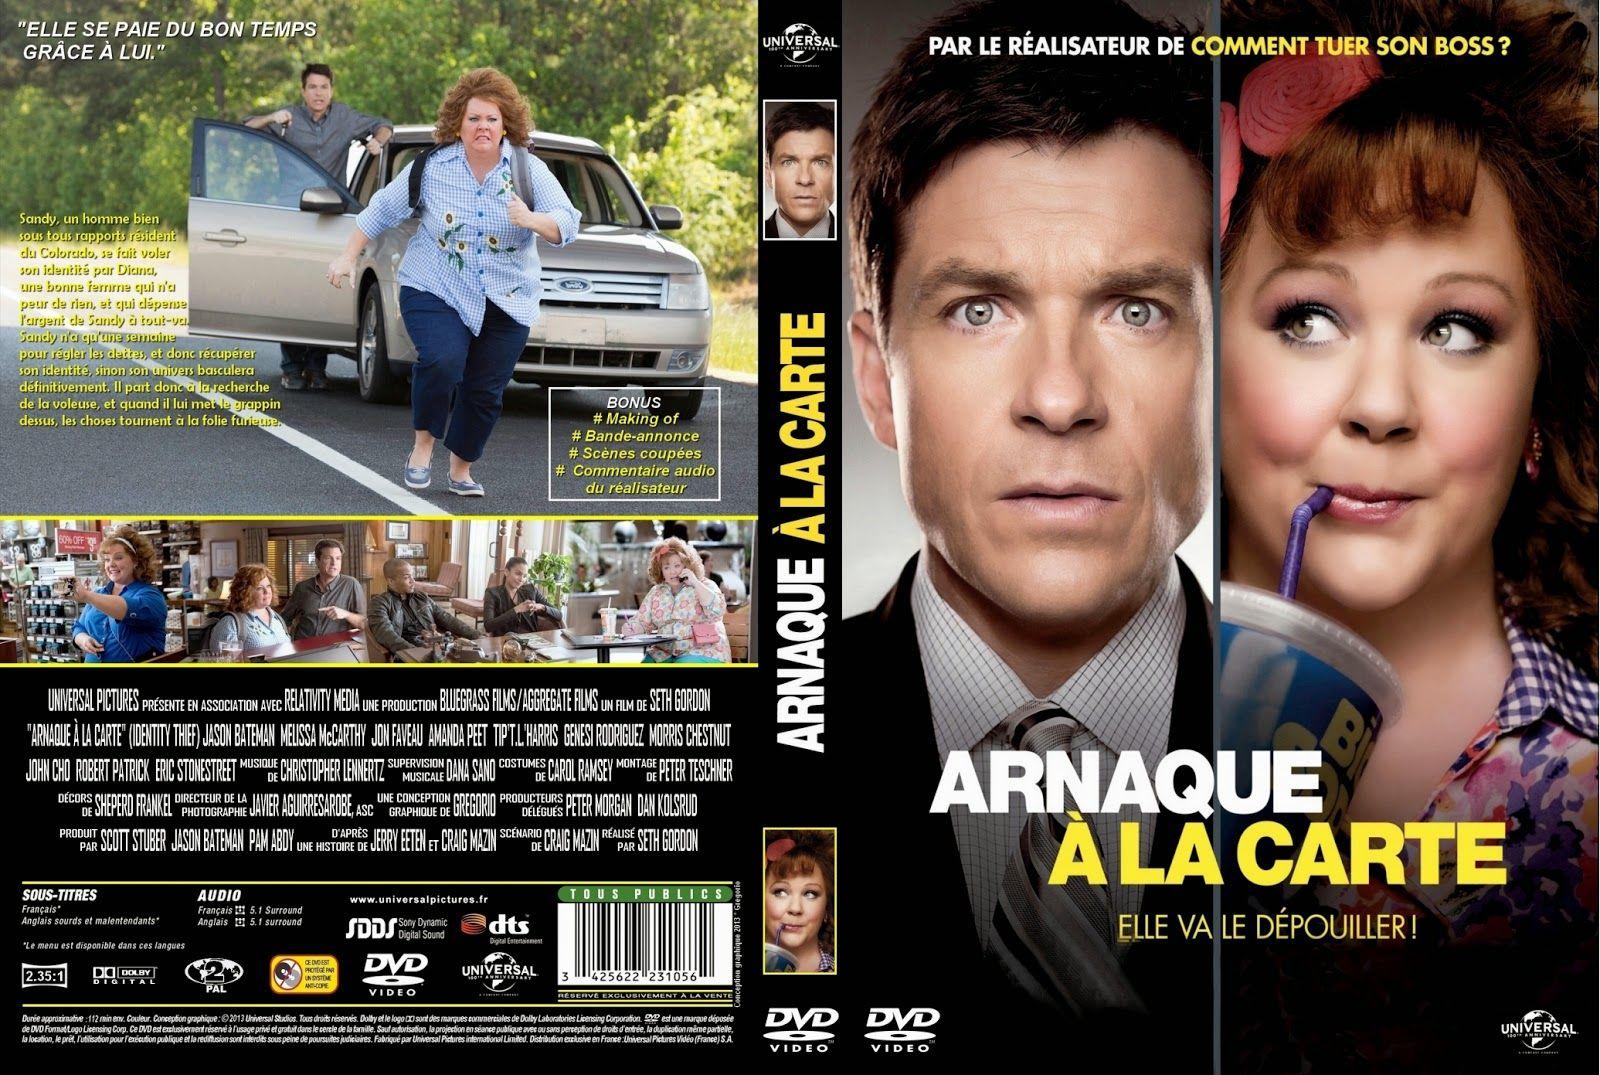 Jaquettes Dvd Jaquette Dvd Arnaque A La Carte Jaquette Dvd